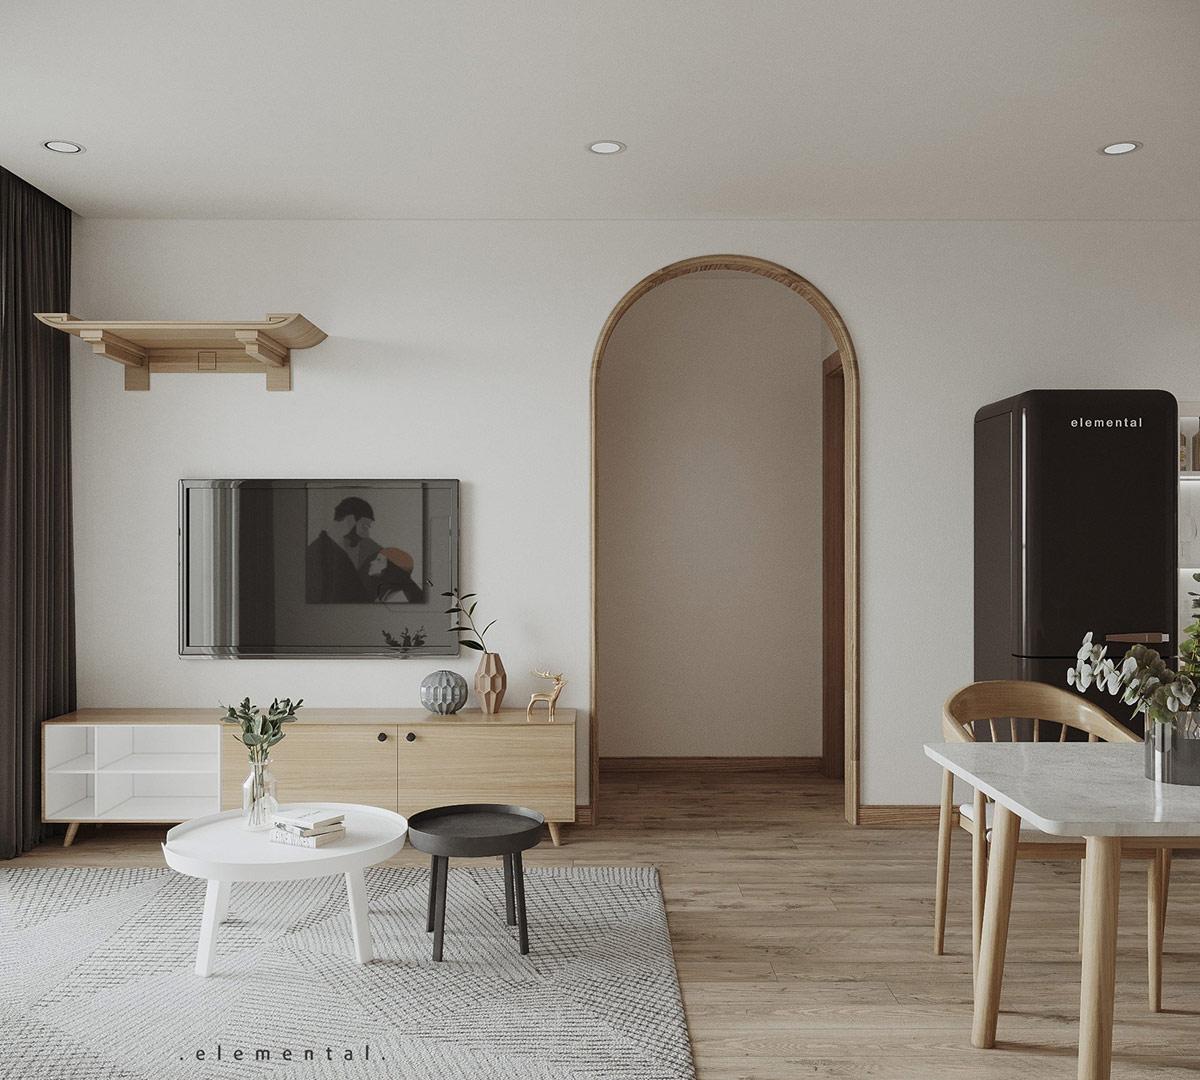 Tư vấn thiết kế căn hộ 69m² với phong cách tối giản trong khoảng chi phí 170 triệu đồng - ảnh 3